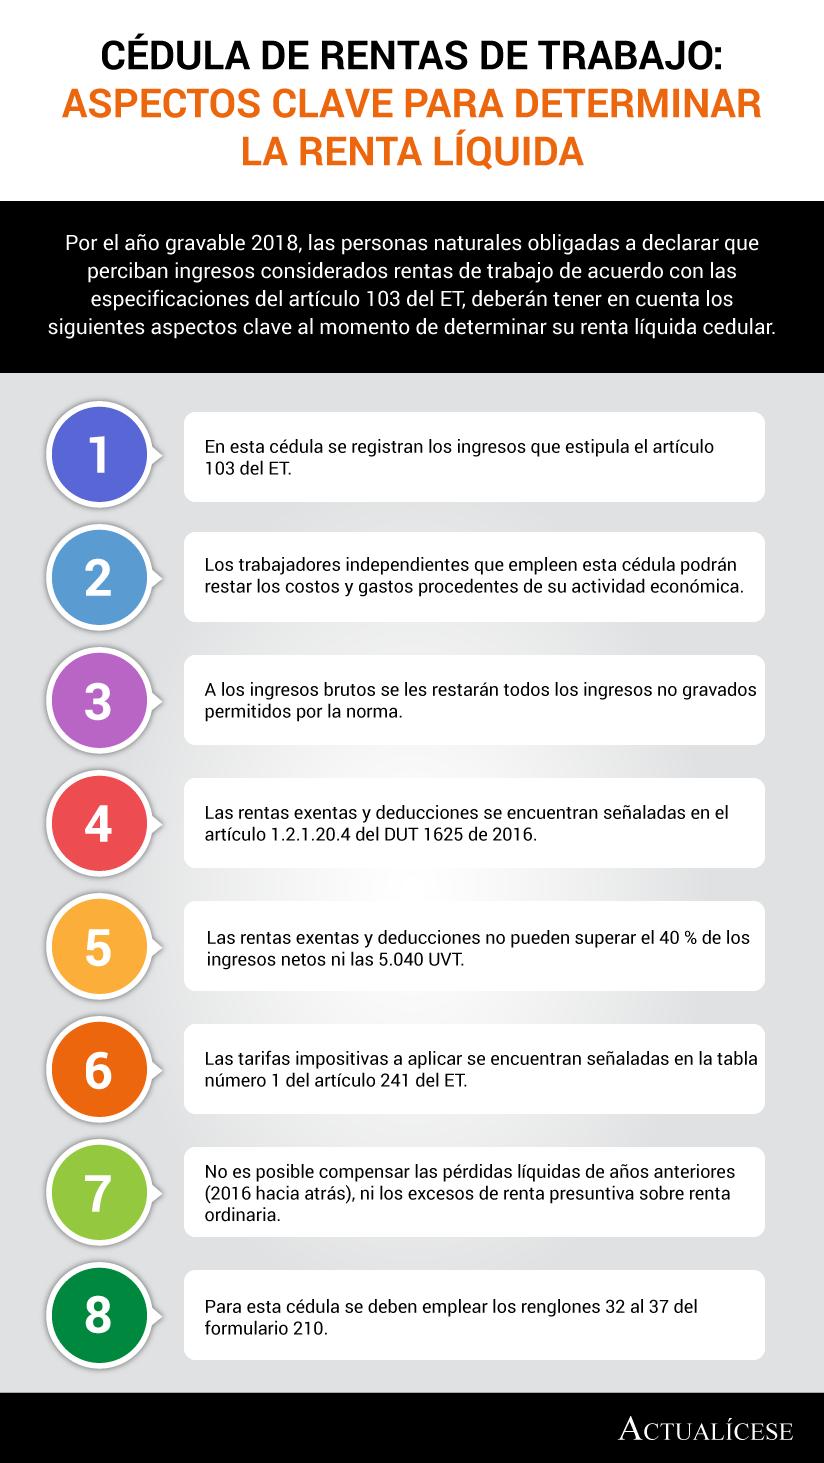 [Infografía] Cédula de rentas de trabajo: aspectos clave para determinar la renta líquida